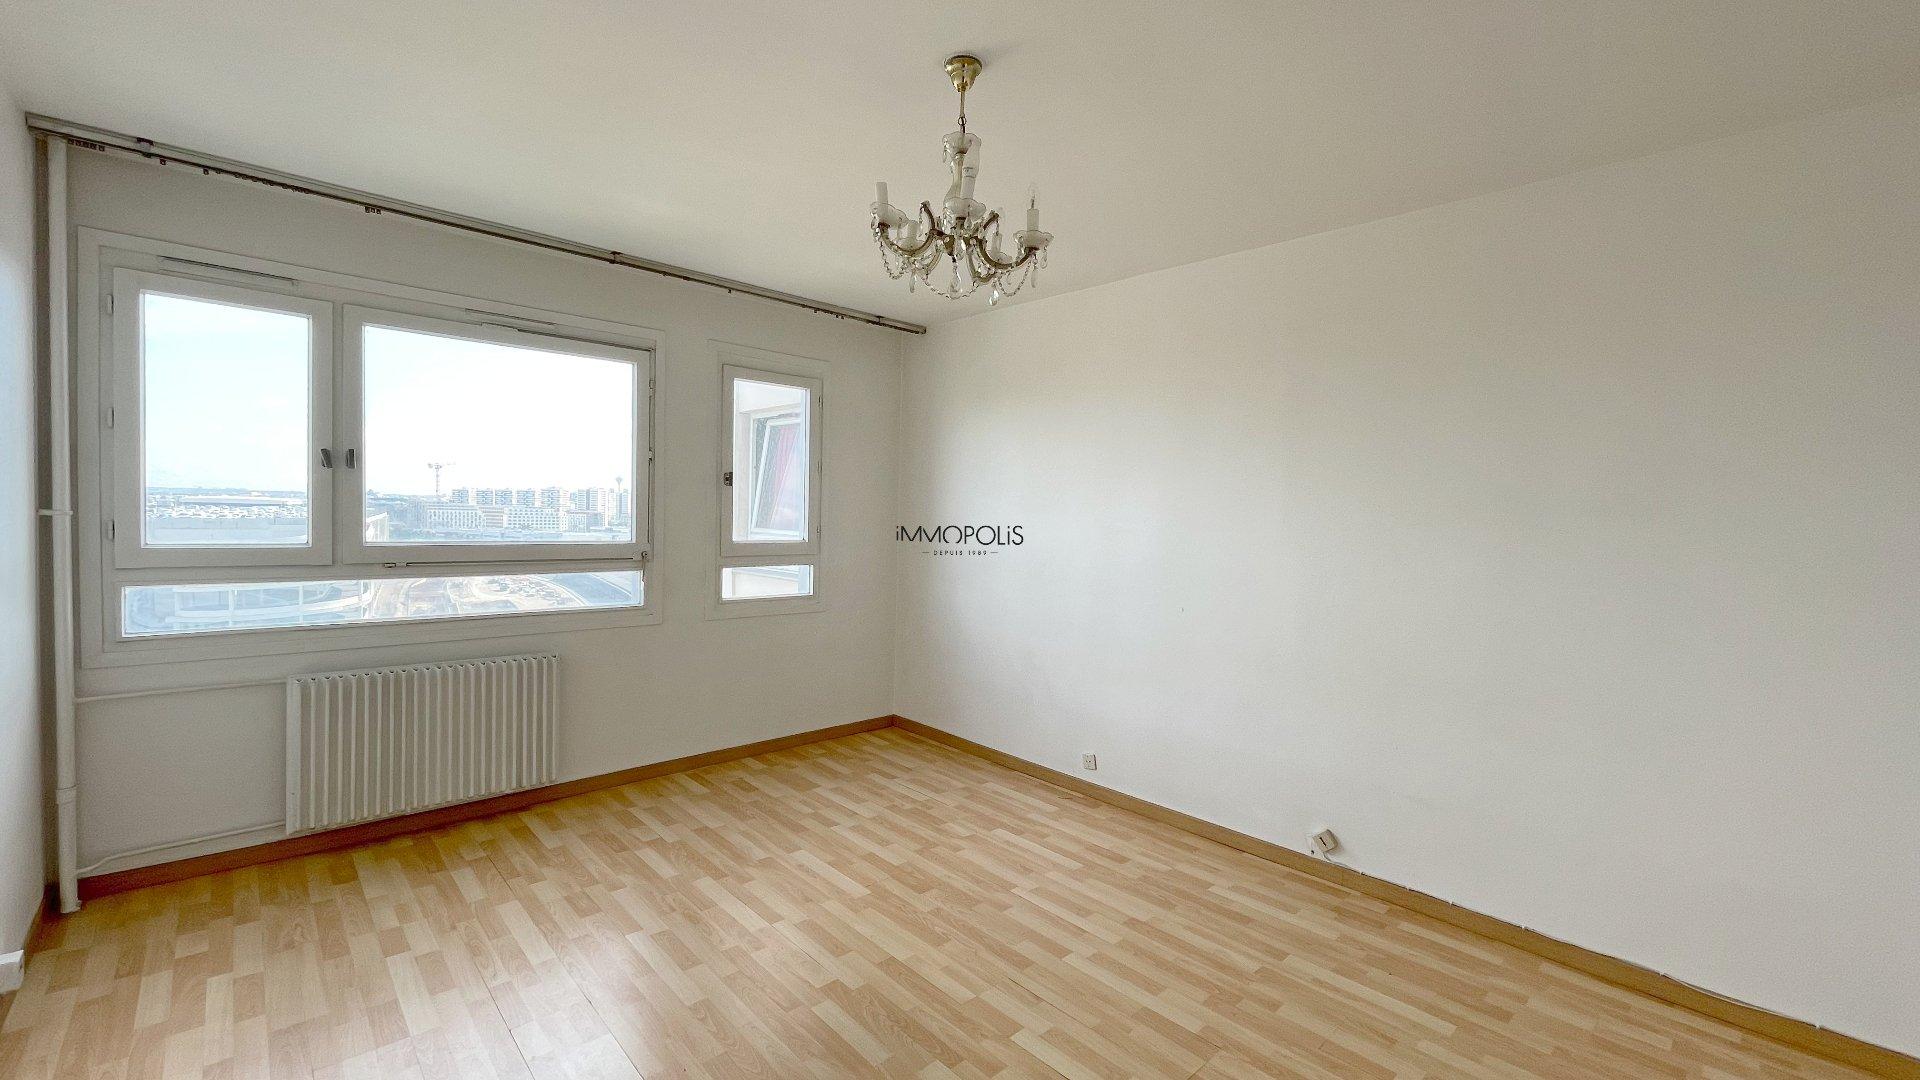 Appartement 3 pièces avec vue dégagée de 63.45m2 vendu avec un box ! 1